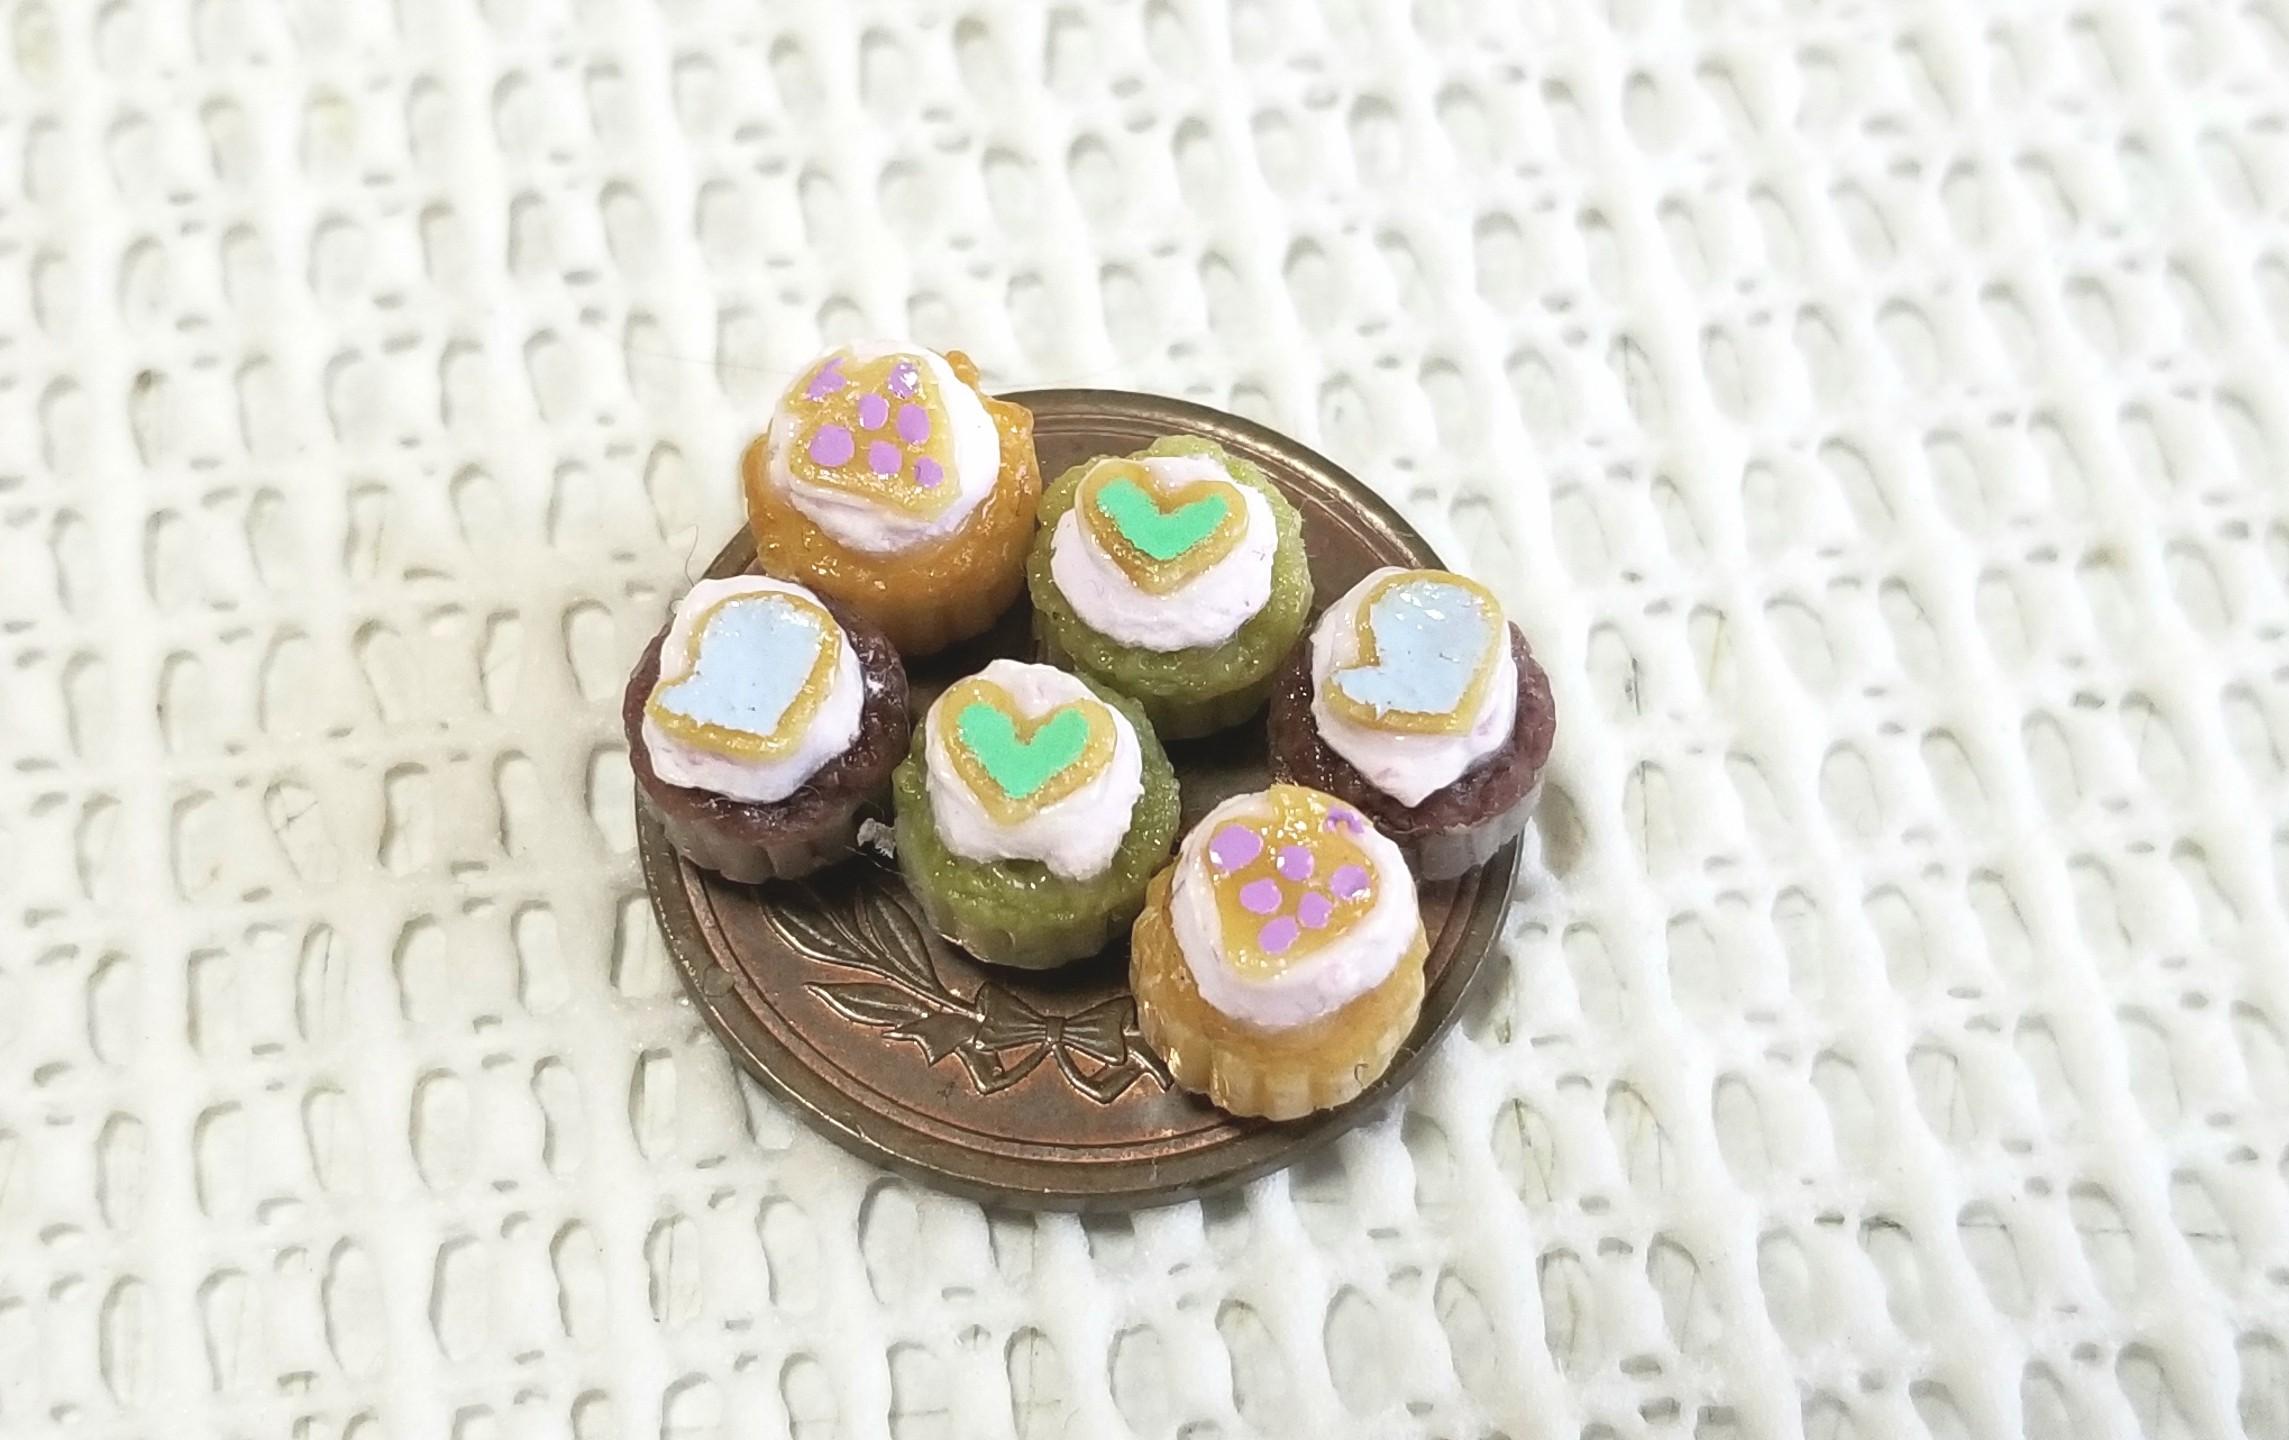 ミニチュアフード,樹脂粘土,カップケーキ,オビツ11,リカちゃん人形